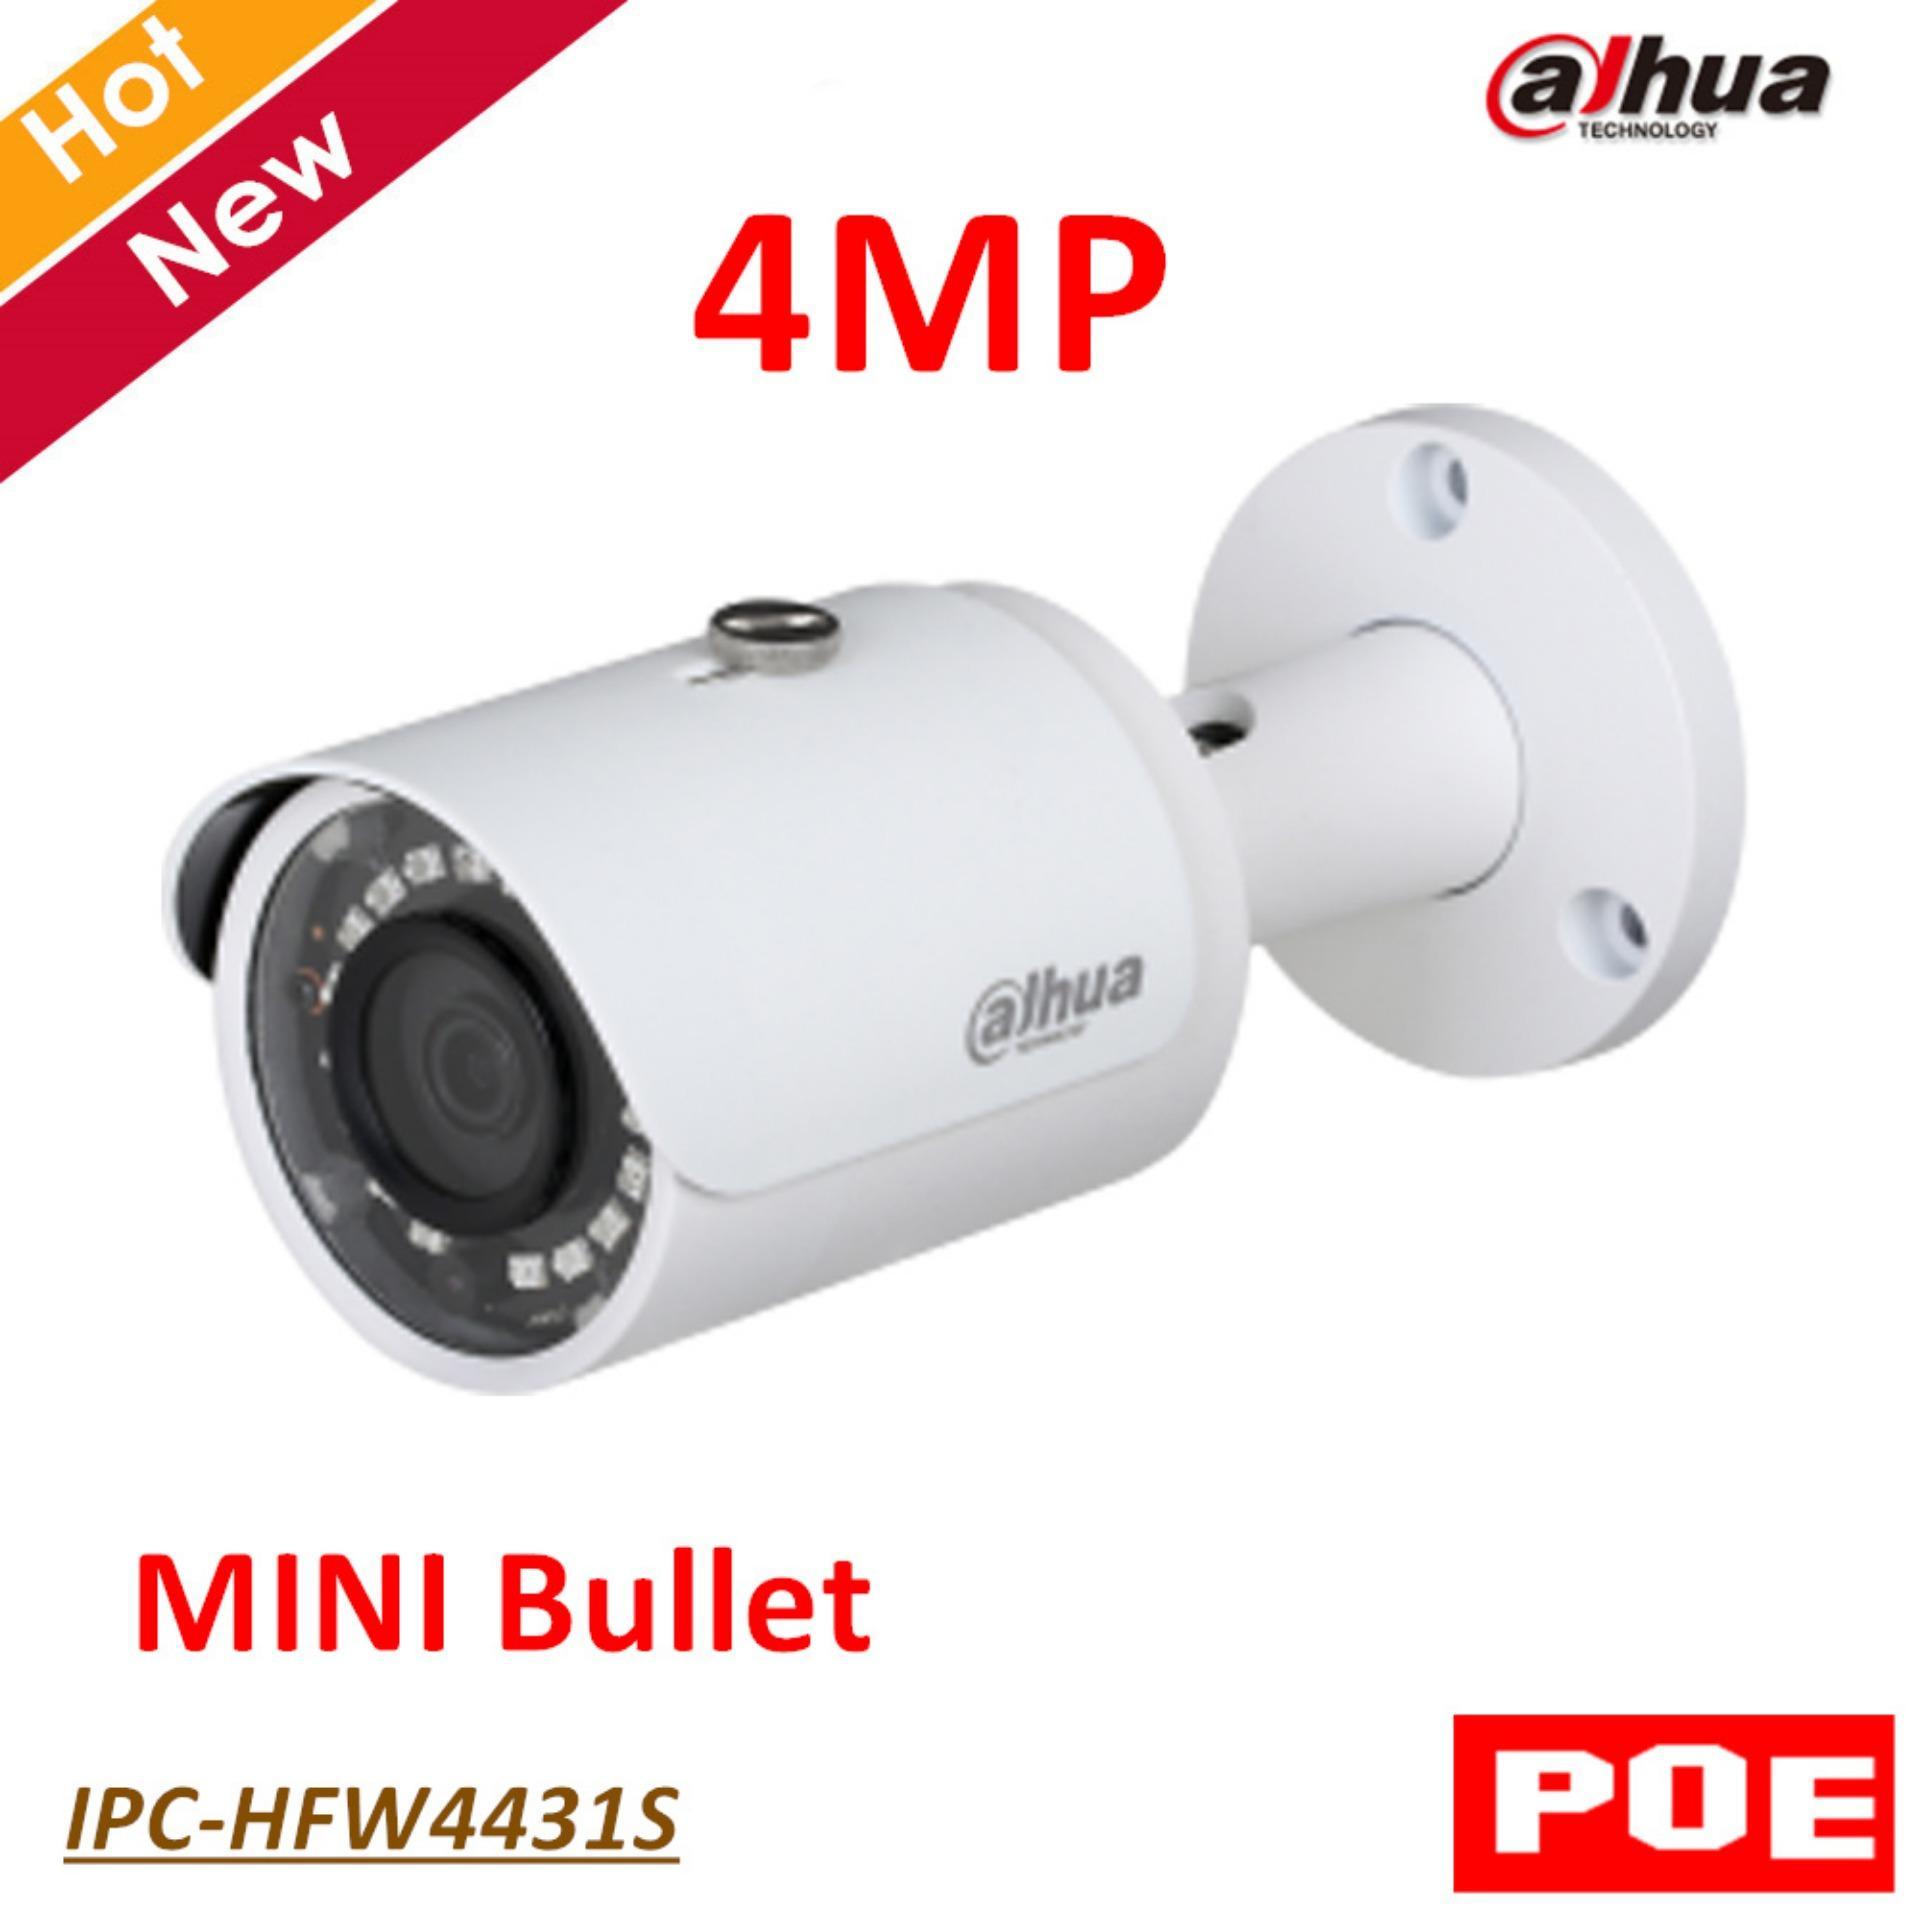 Dh-Ipc-Hfw4431sp Camera Ip (lẮp KhÔng CẦn ĐẦu Ghi) ĐỘ PhÂn GiẢi 4mp - GiÁm SÁt An Ninh - ChỐng NgƯỢc SÁng - HỒng NgoẠi ThÔng Minh - HiỆu Dahua By SÀi GÒn GiÁ SỈ.